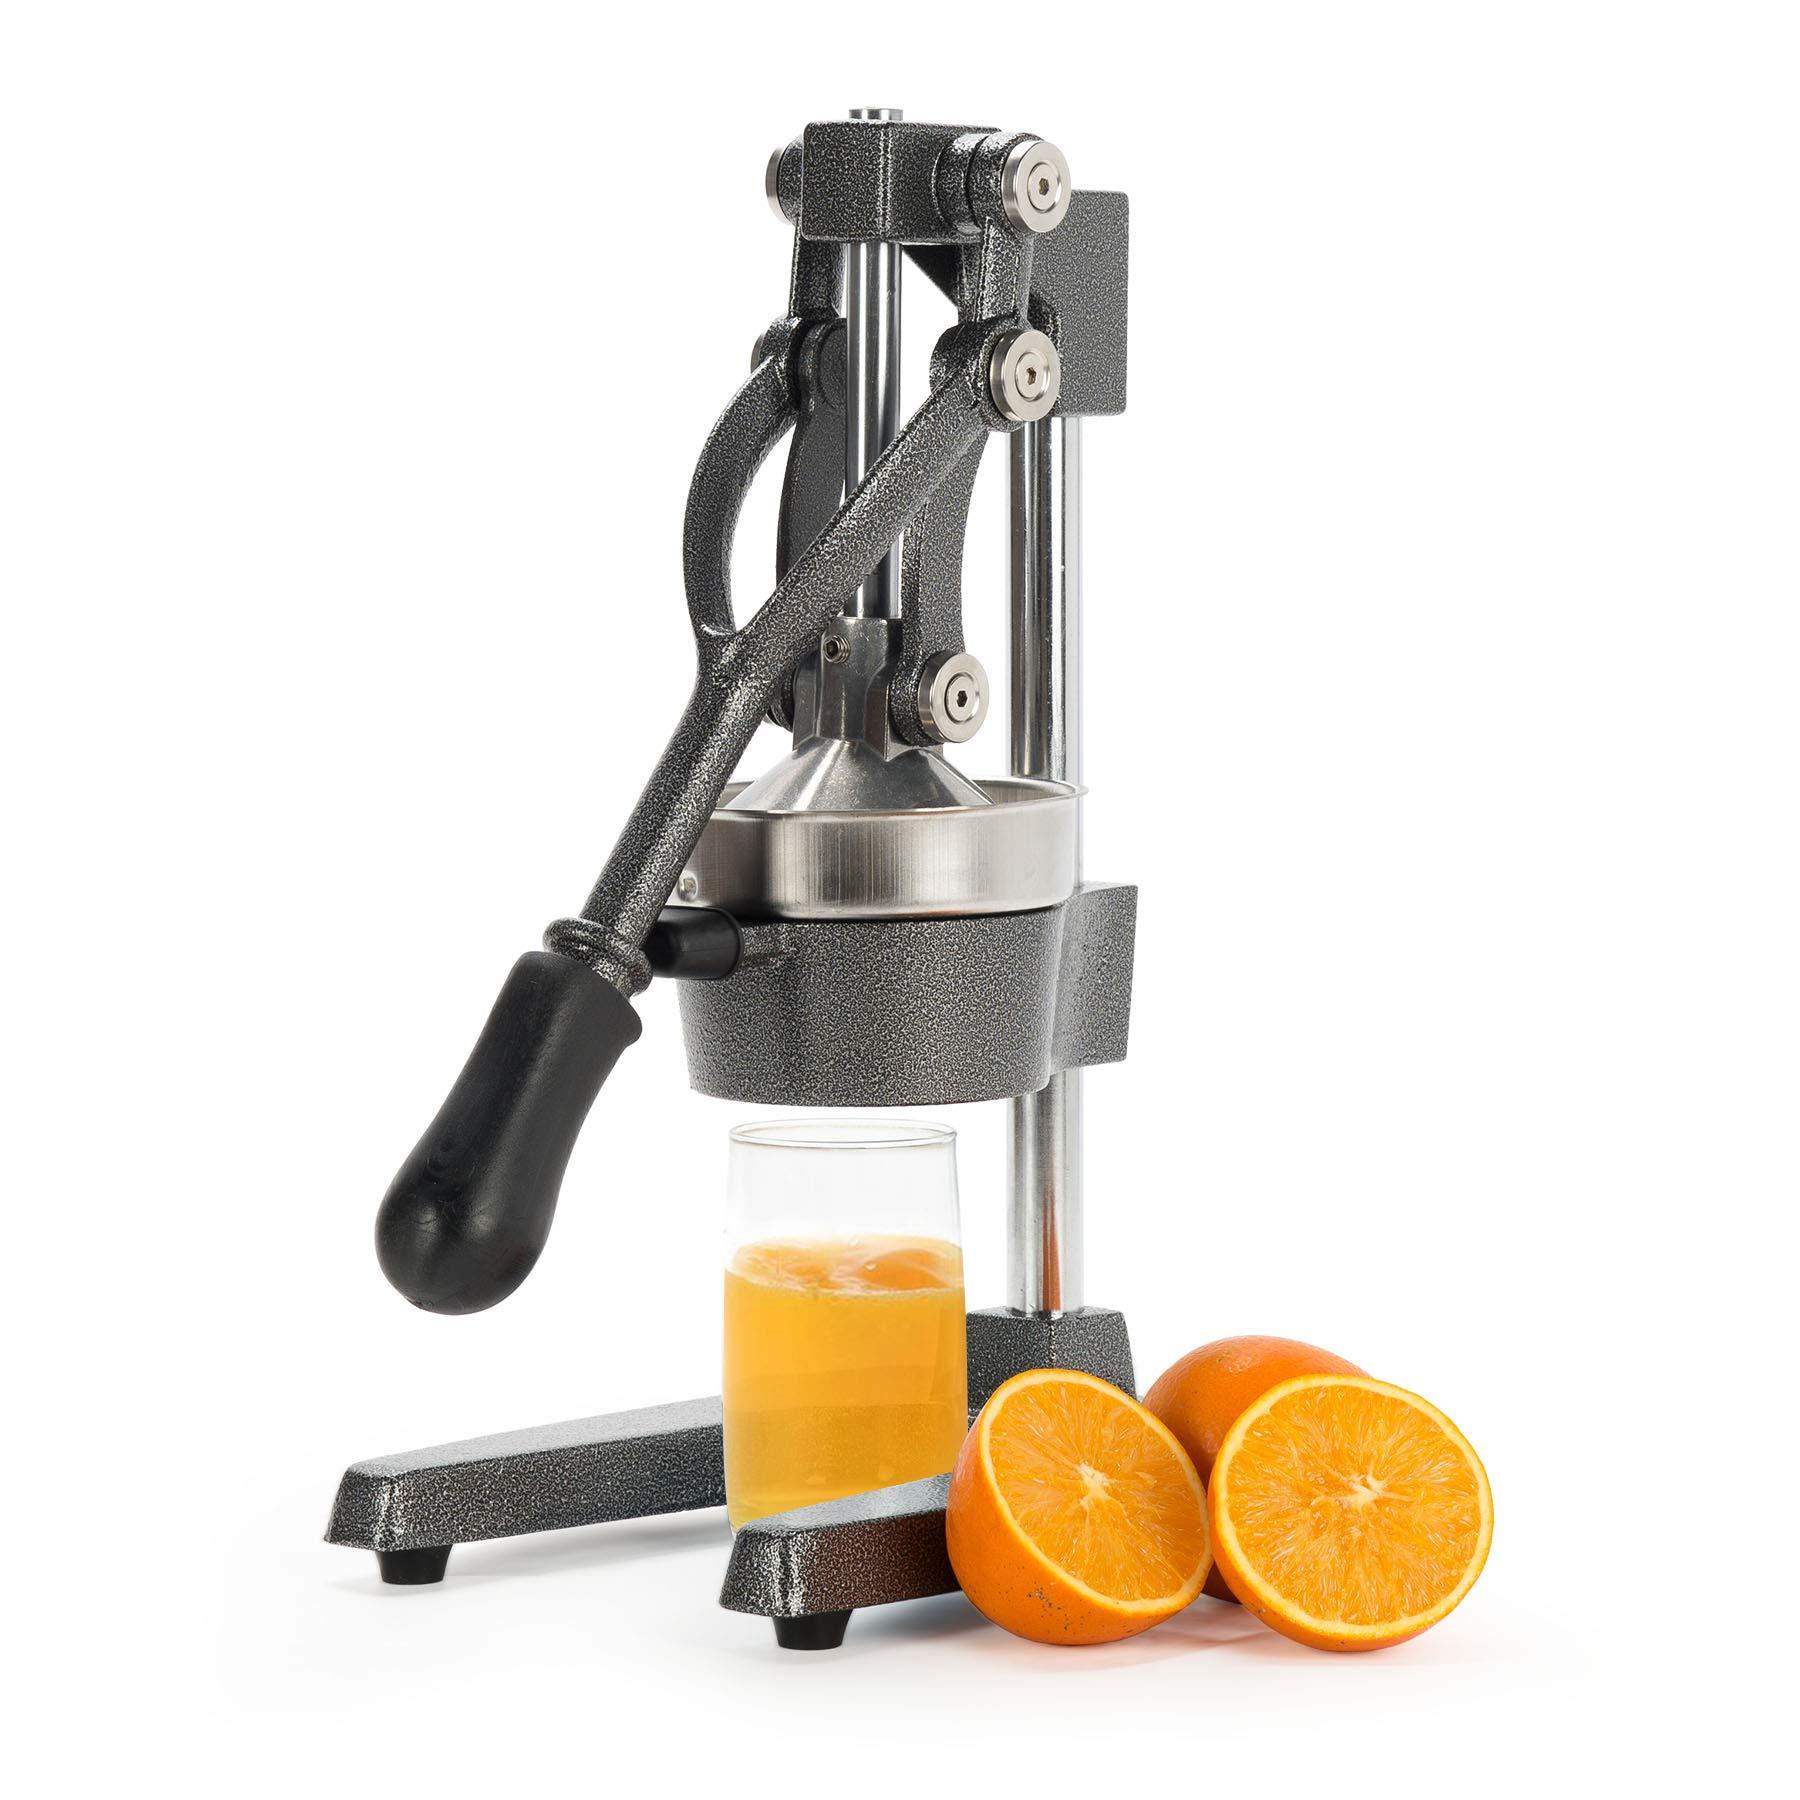 CO-Z Commercial Grade Citrus Juicer Hand Press Manual Fruit Juicer Juice Squeezer Citrus Orange Lemon Pomegranate (Gray) by CO-Z